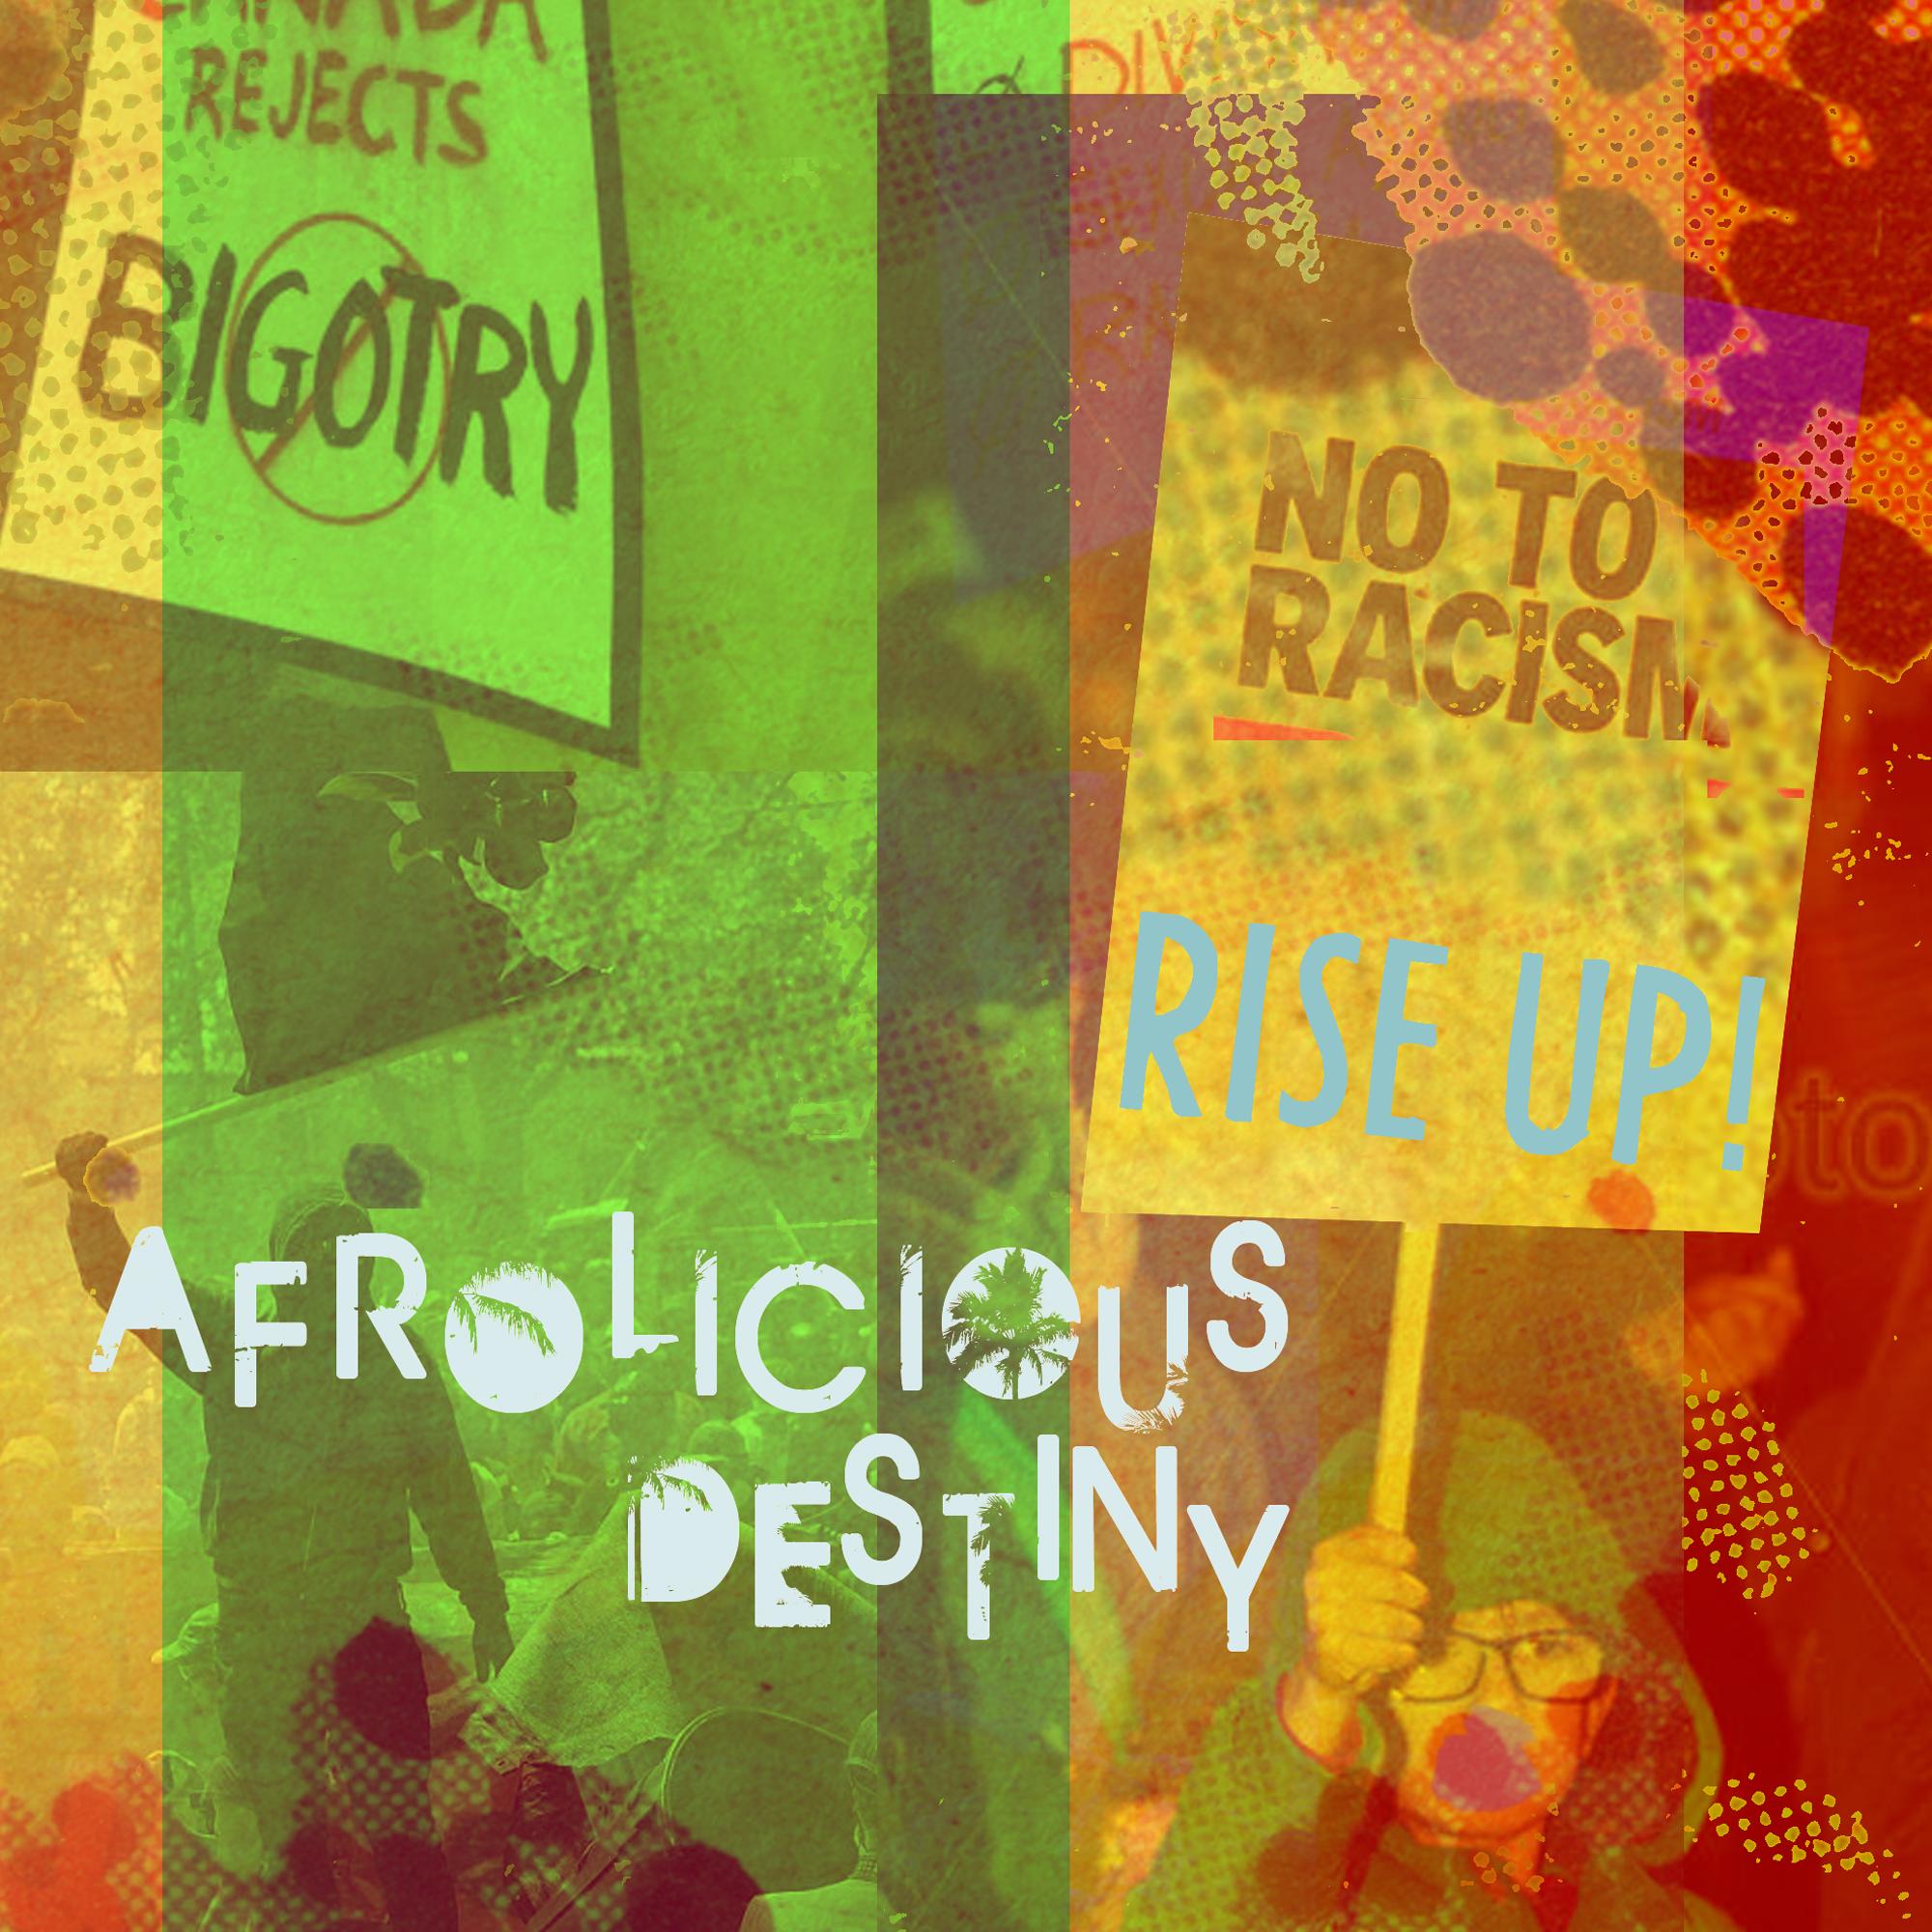 AFROLICIOUS DESTINY DIGITAL COVER.jpg